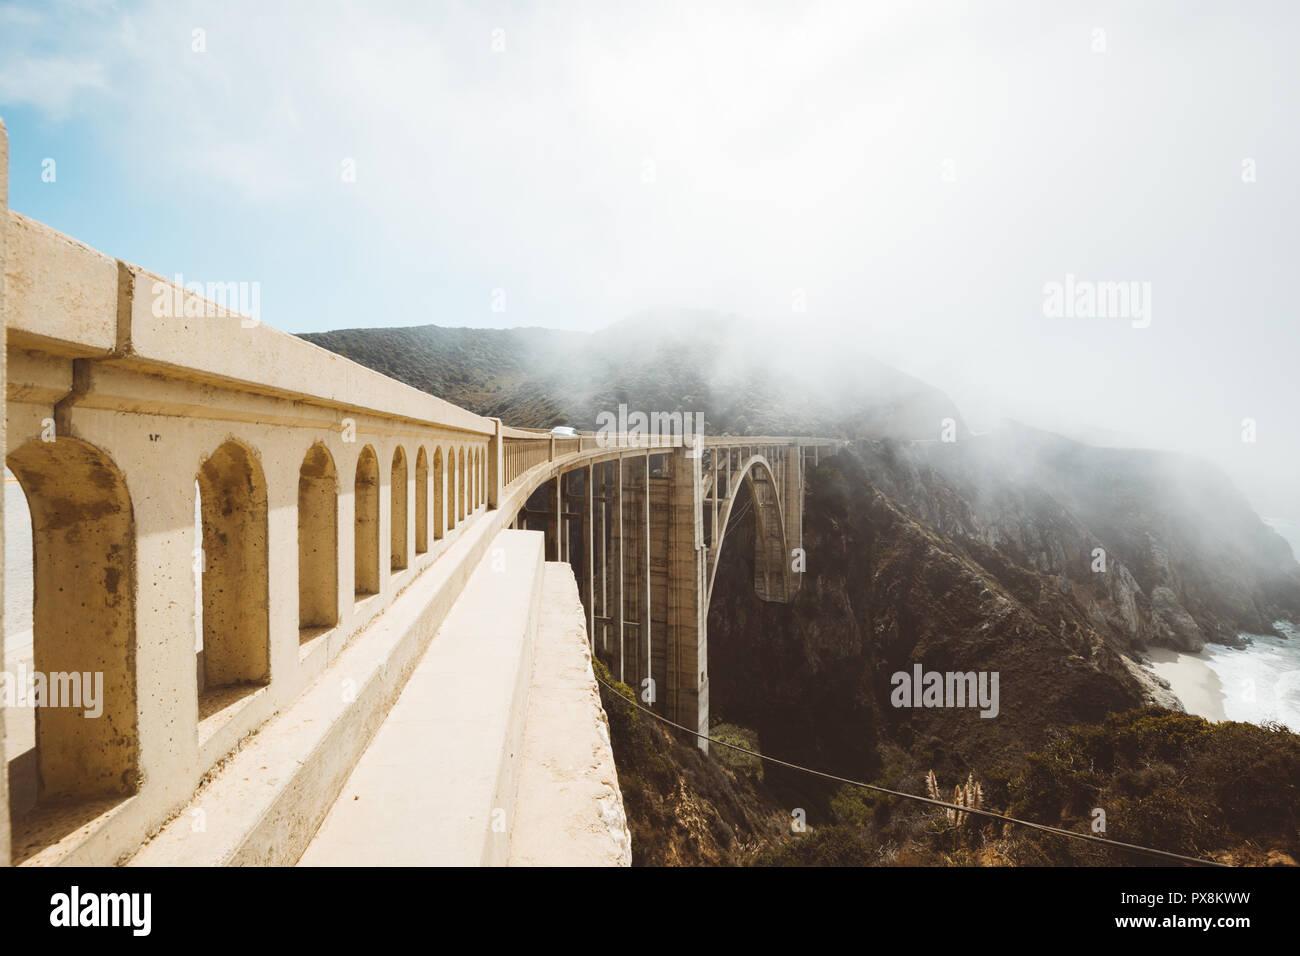 Vue panoramique de la ville historique de Bixby Creek Bridge le long de la route 1 de renommée mondiale lors d'une journée ensoleillée avec du brouillard en été, le comté de Monterey, Californie, États-Unis Photo Stock